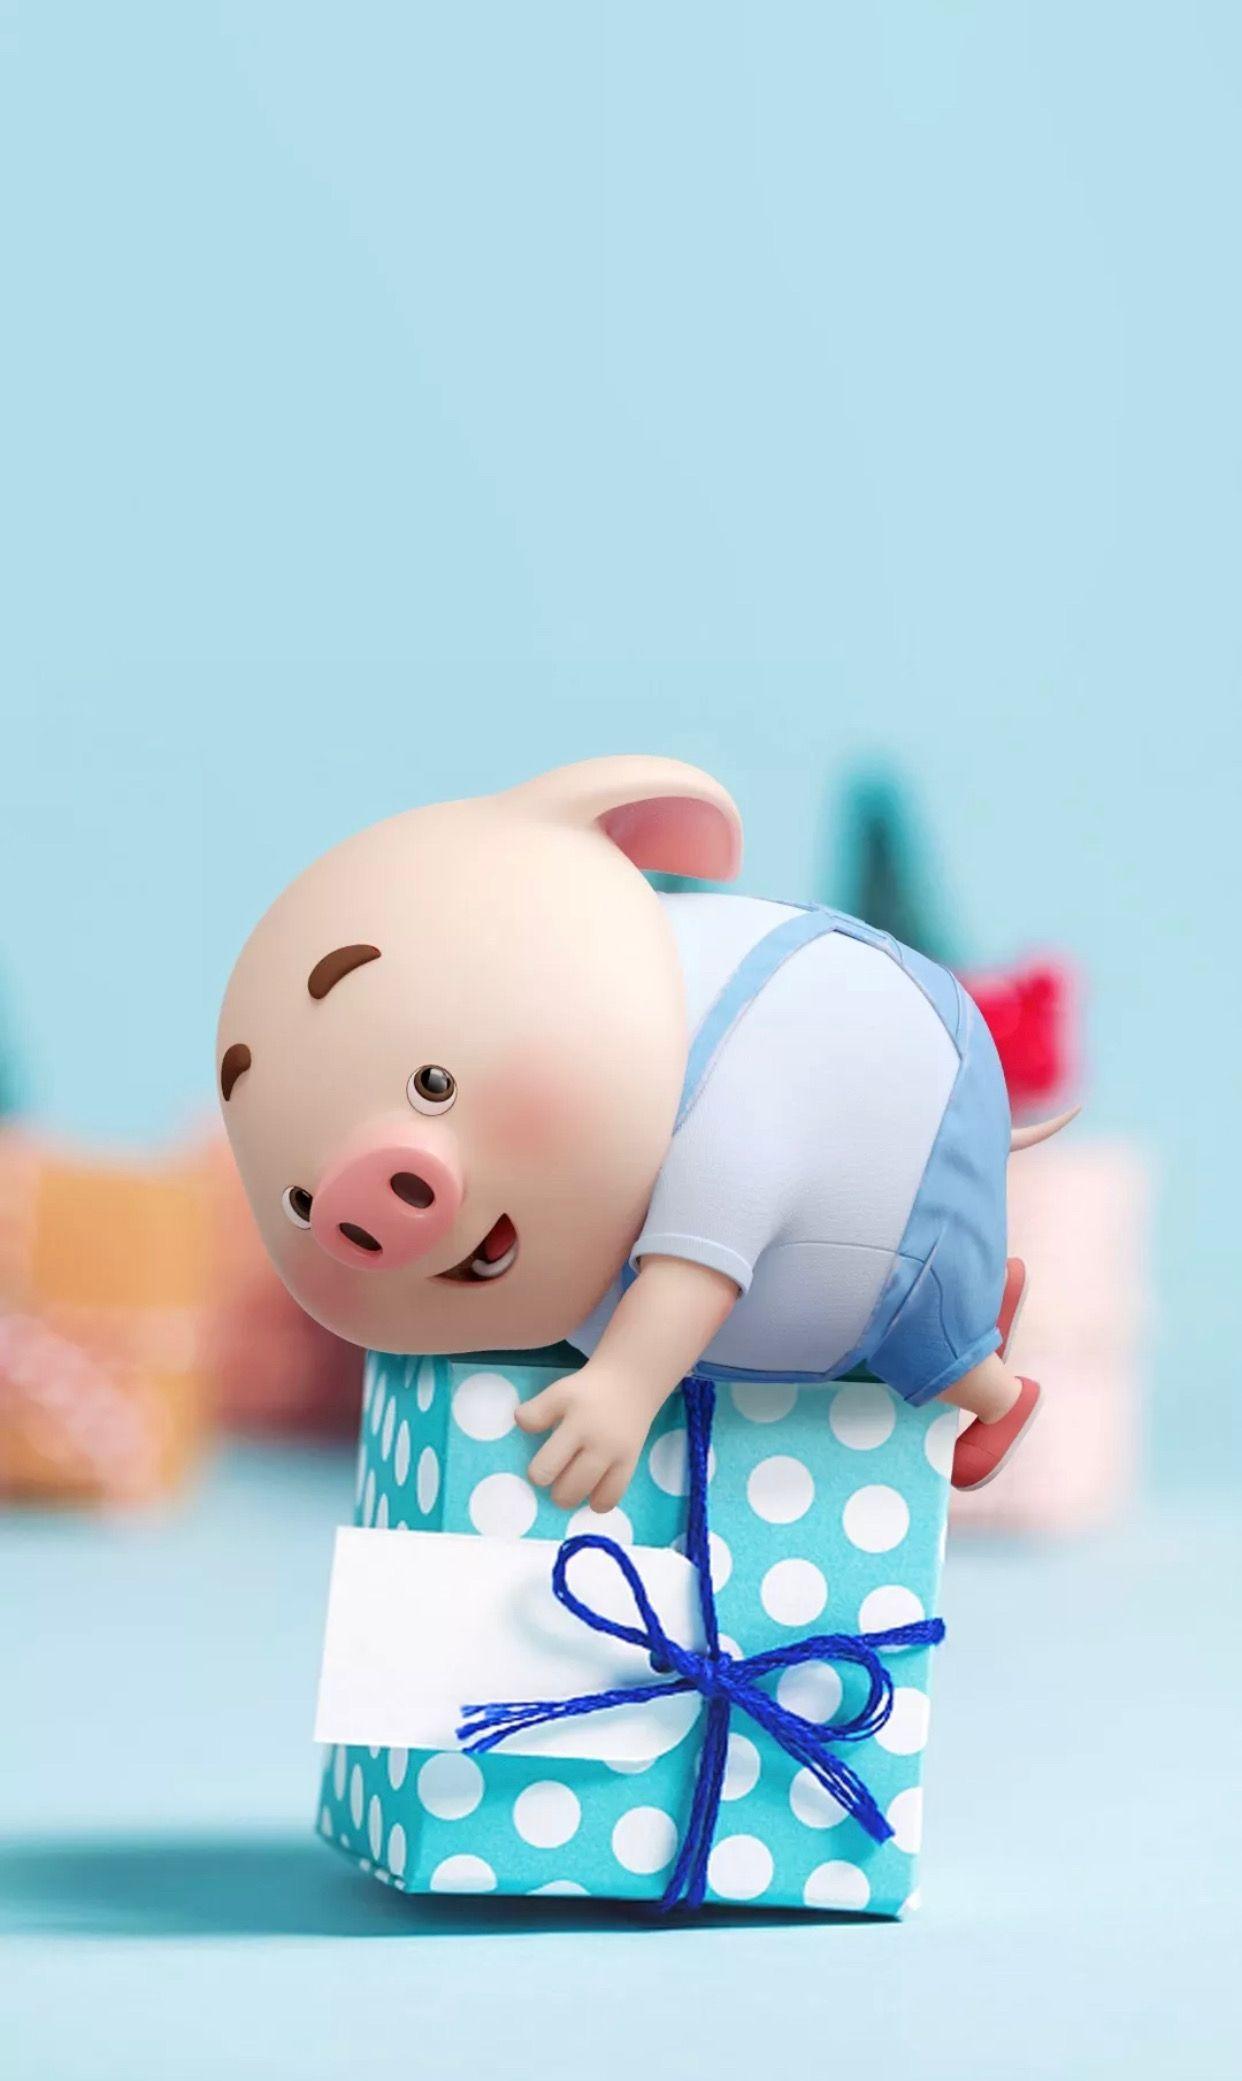 Fotos De Tata En Pigs | Cerditos, Fondos Lindos Para Celular, Lechones 91E